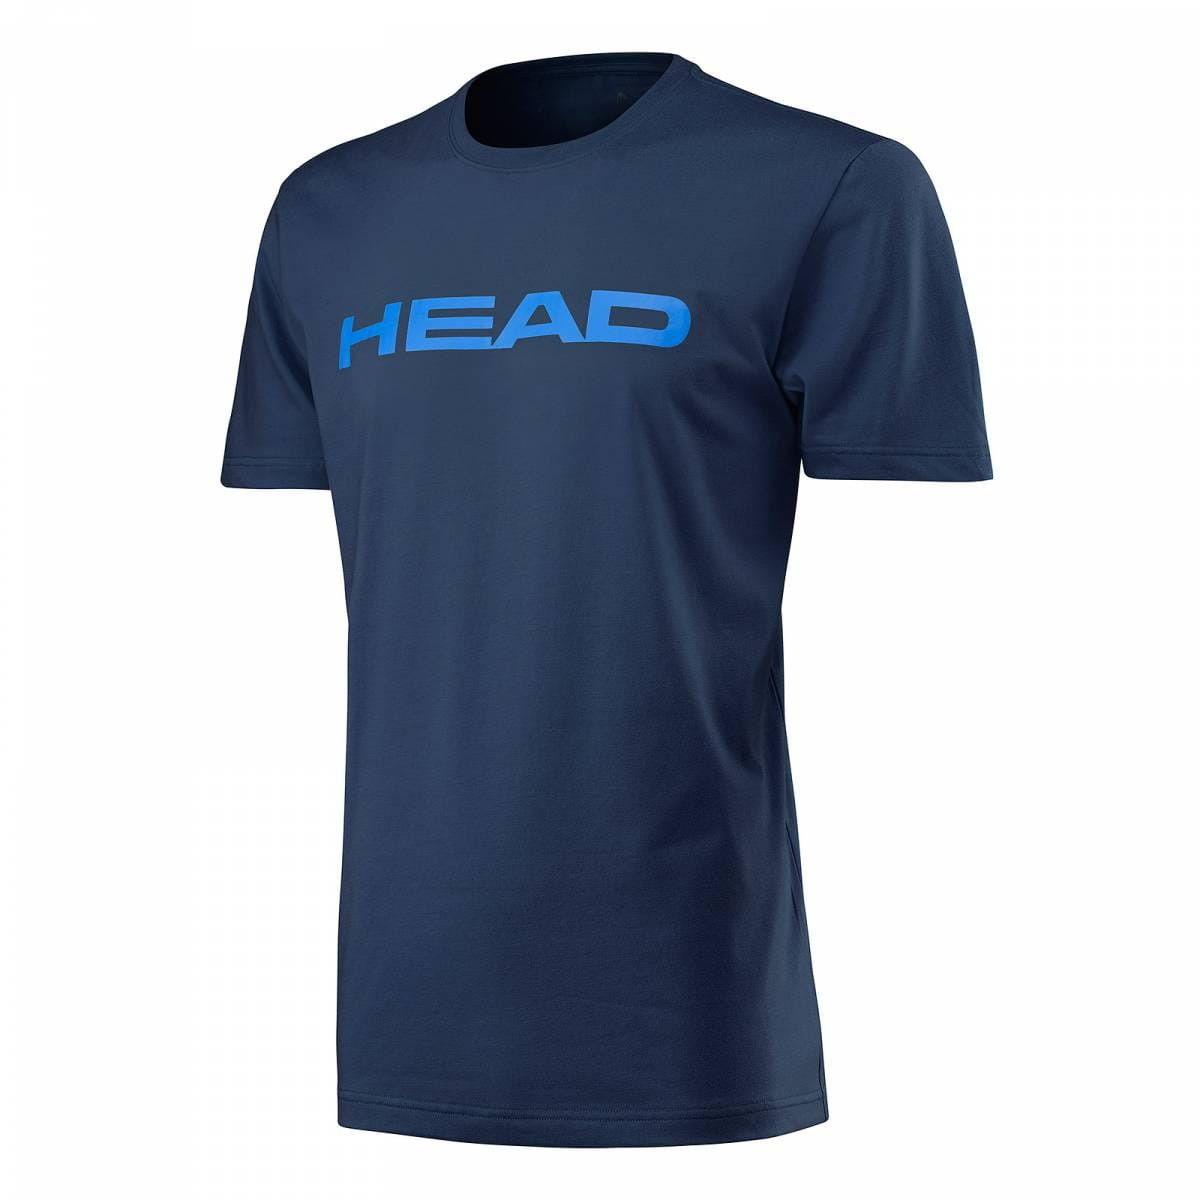 Head Transition Ivan Jr T-shirt - navy/blue